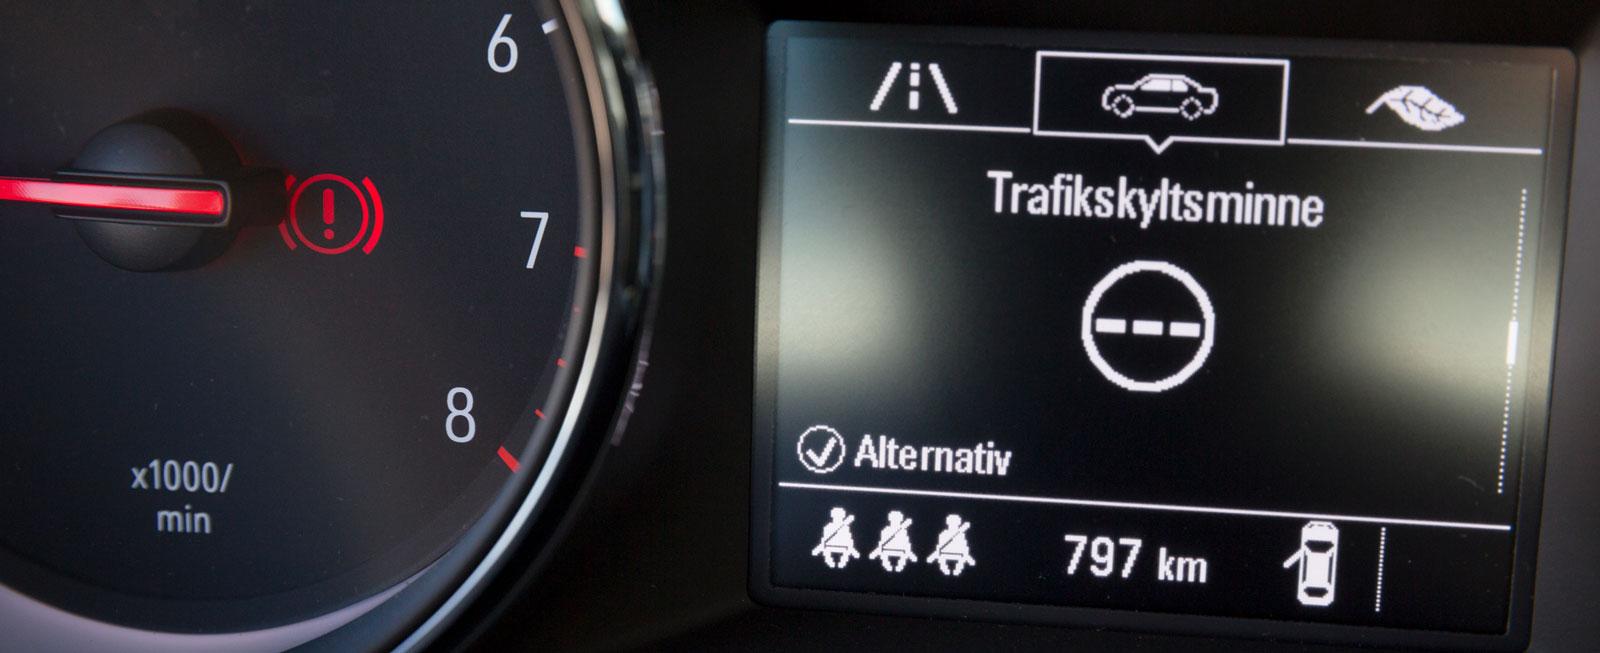 I Opel blir de gråa figurerna godkänt gröna när bältena bak är på.